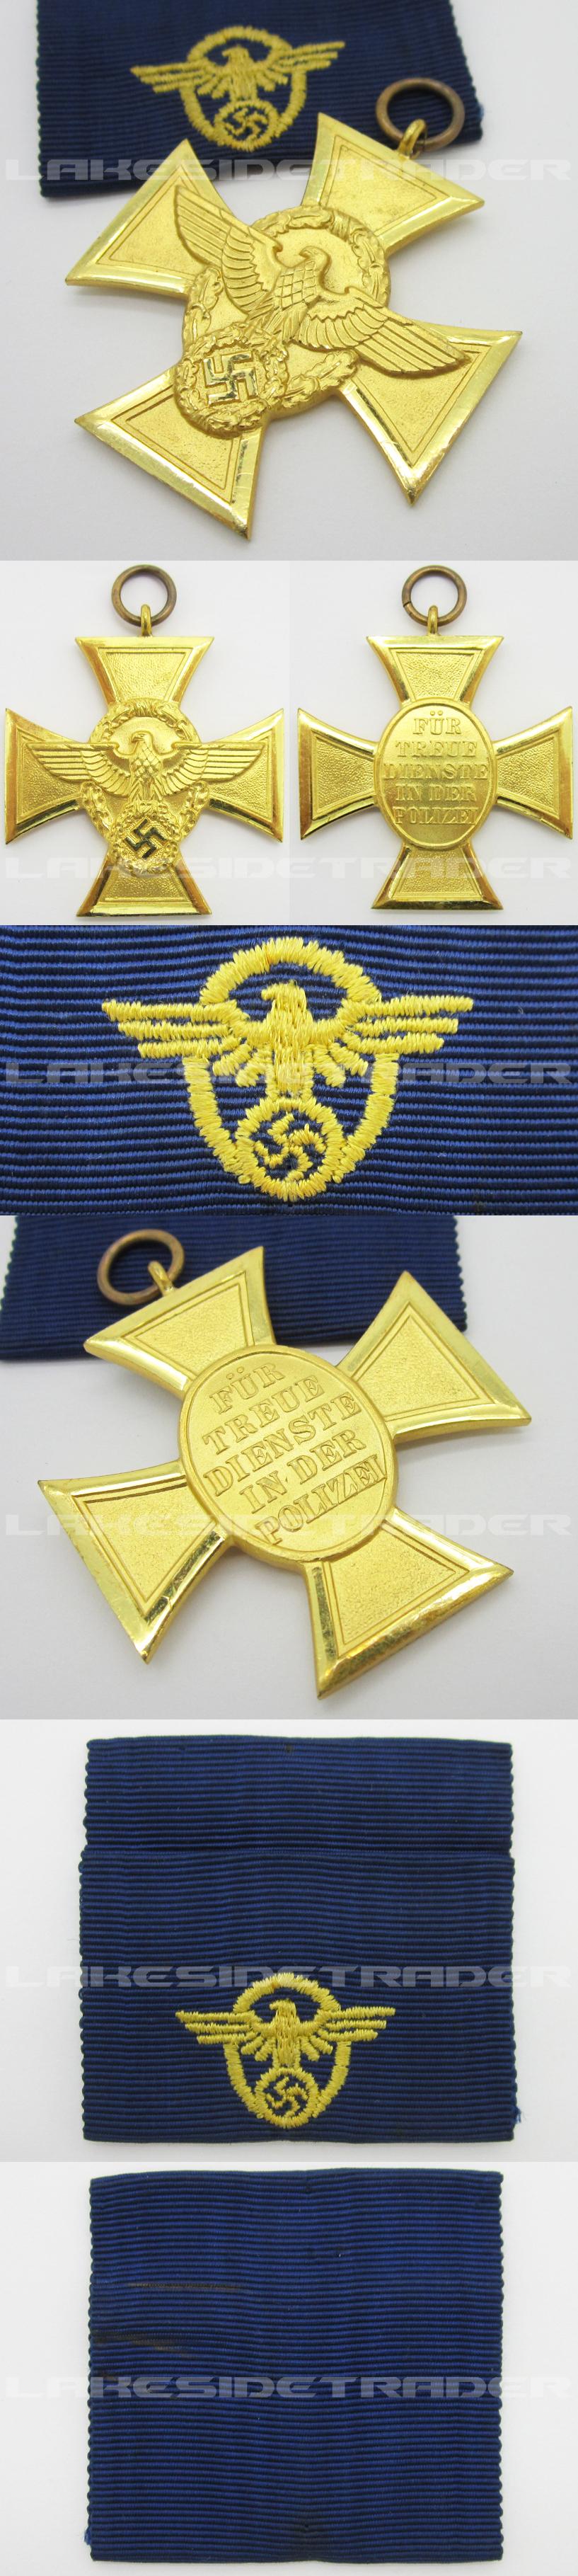 25 Year Police Long Service Award